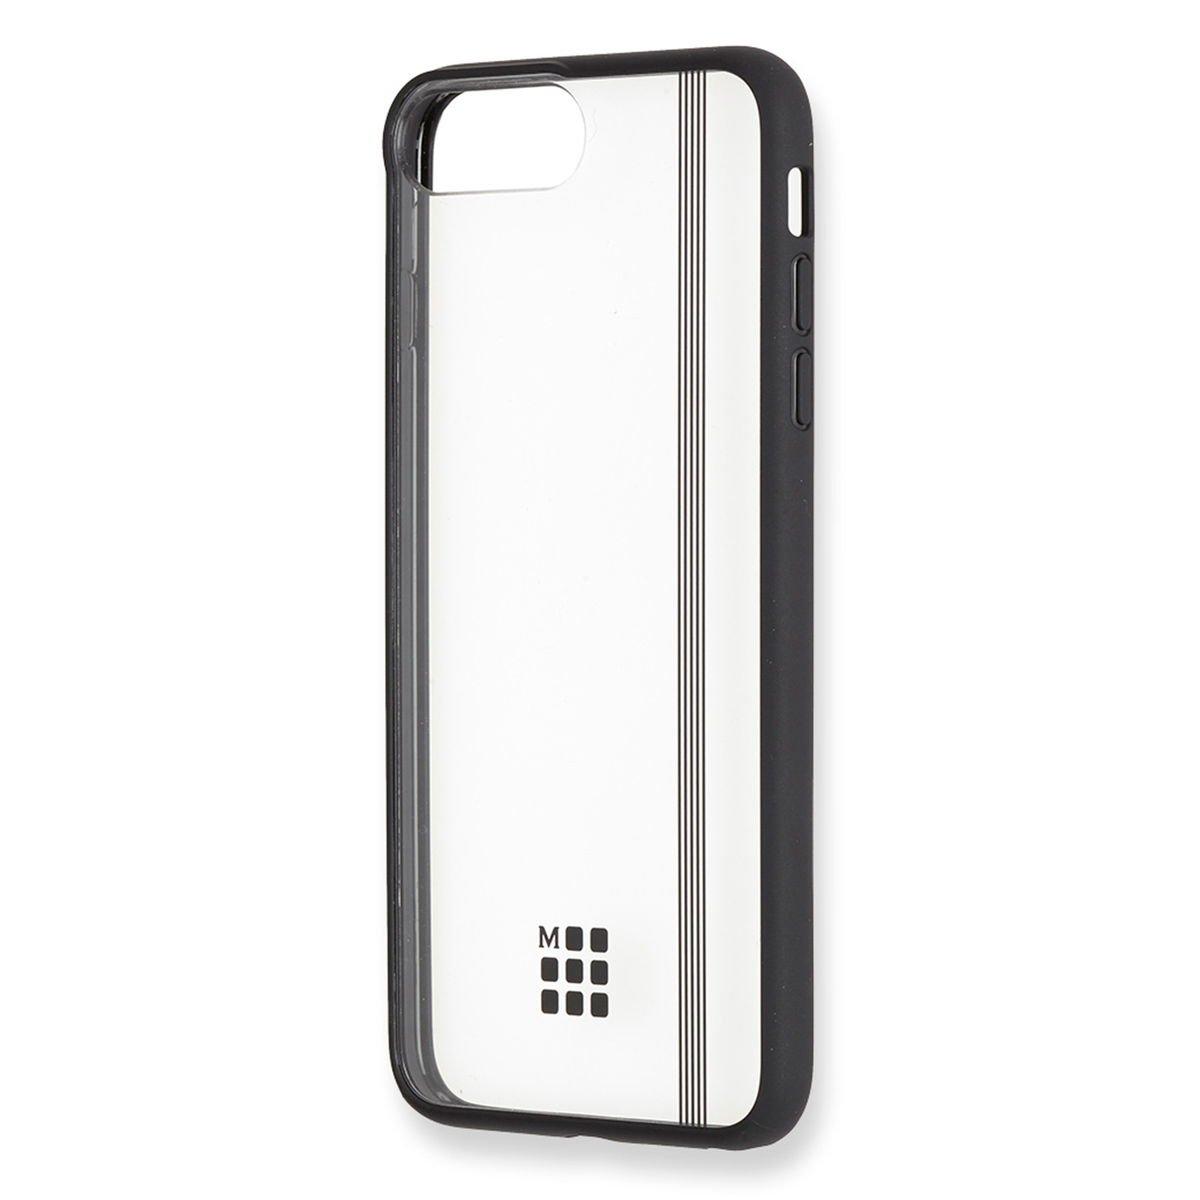 Moleskine MO2HP7LEBK iPhone Coque rigide transparente pour iPhone 6 Plus/6s Plus/7Plus/8 Plus - Élastique noir Transparent - Black 8058341710623 Musique - danse